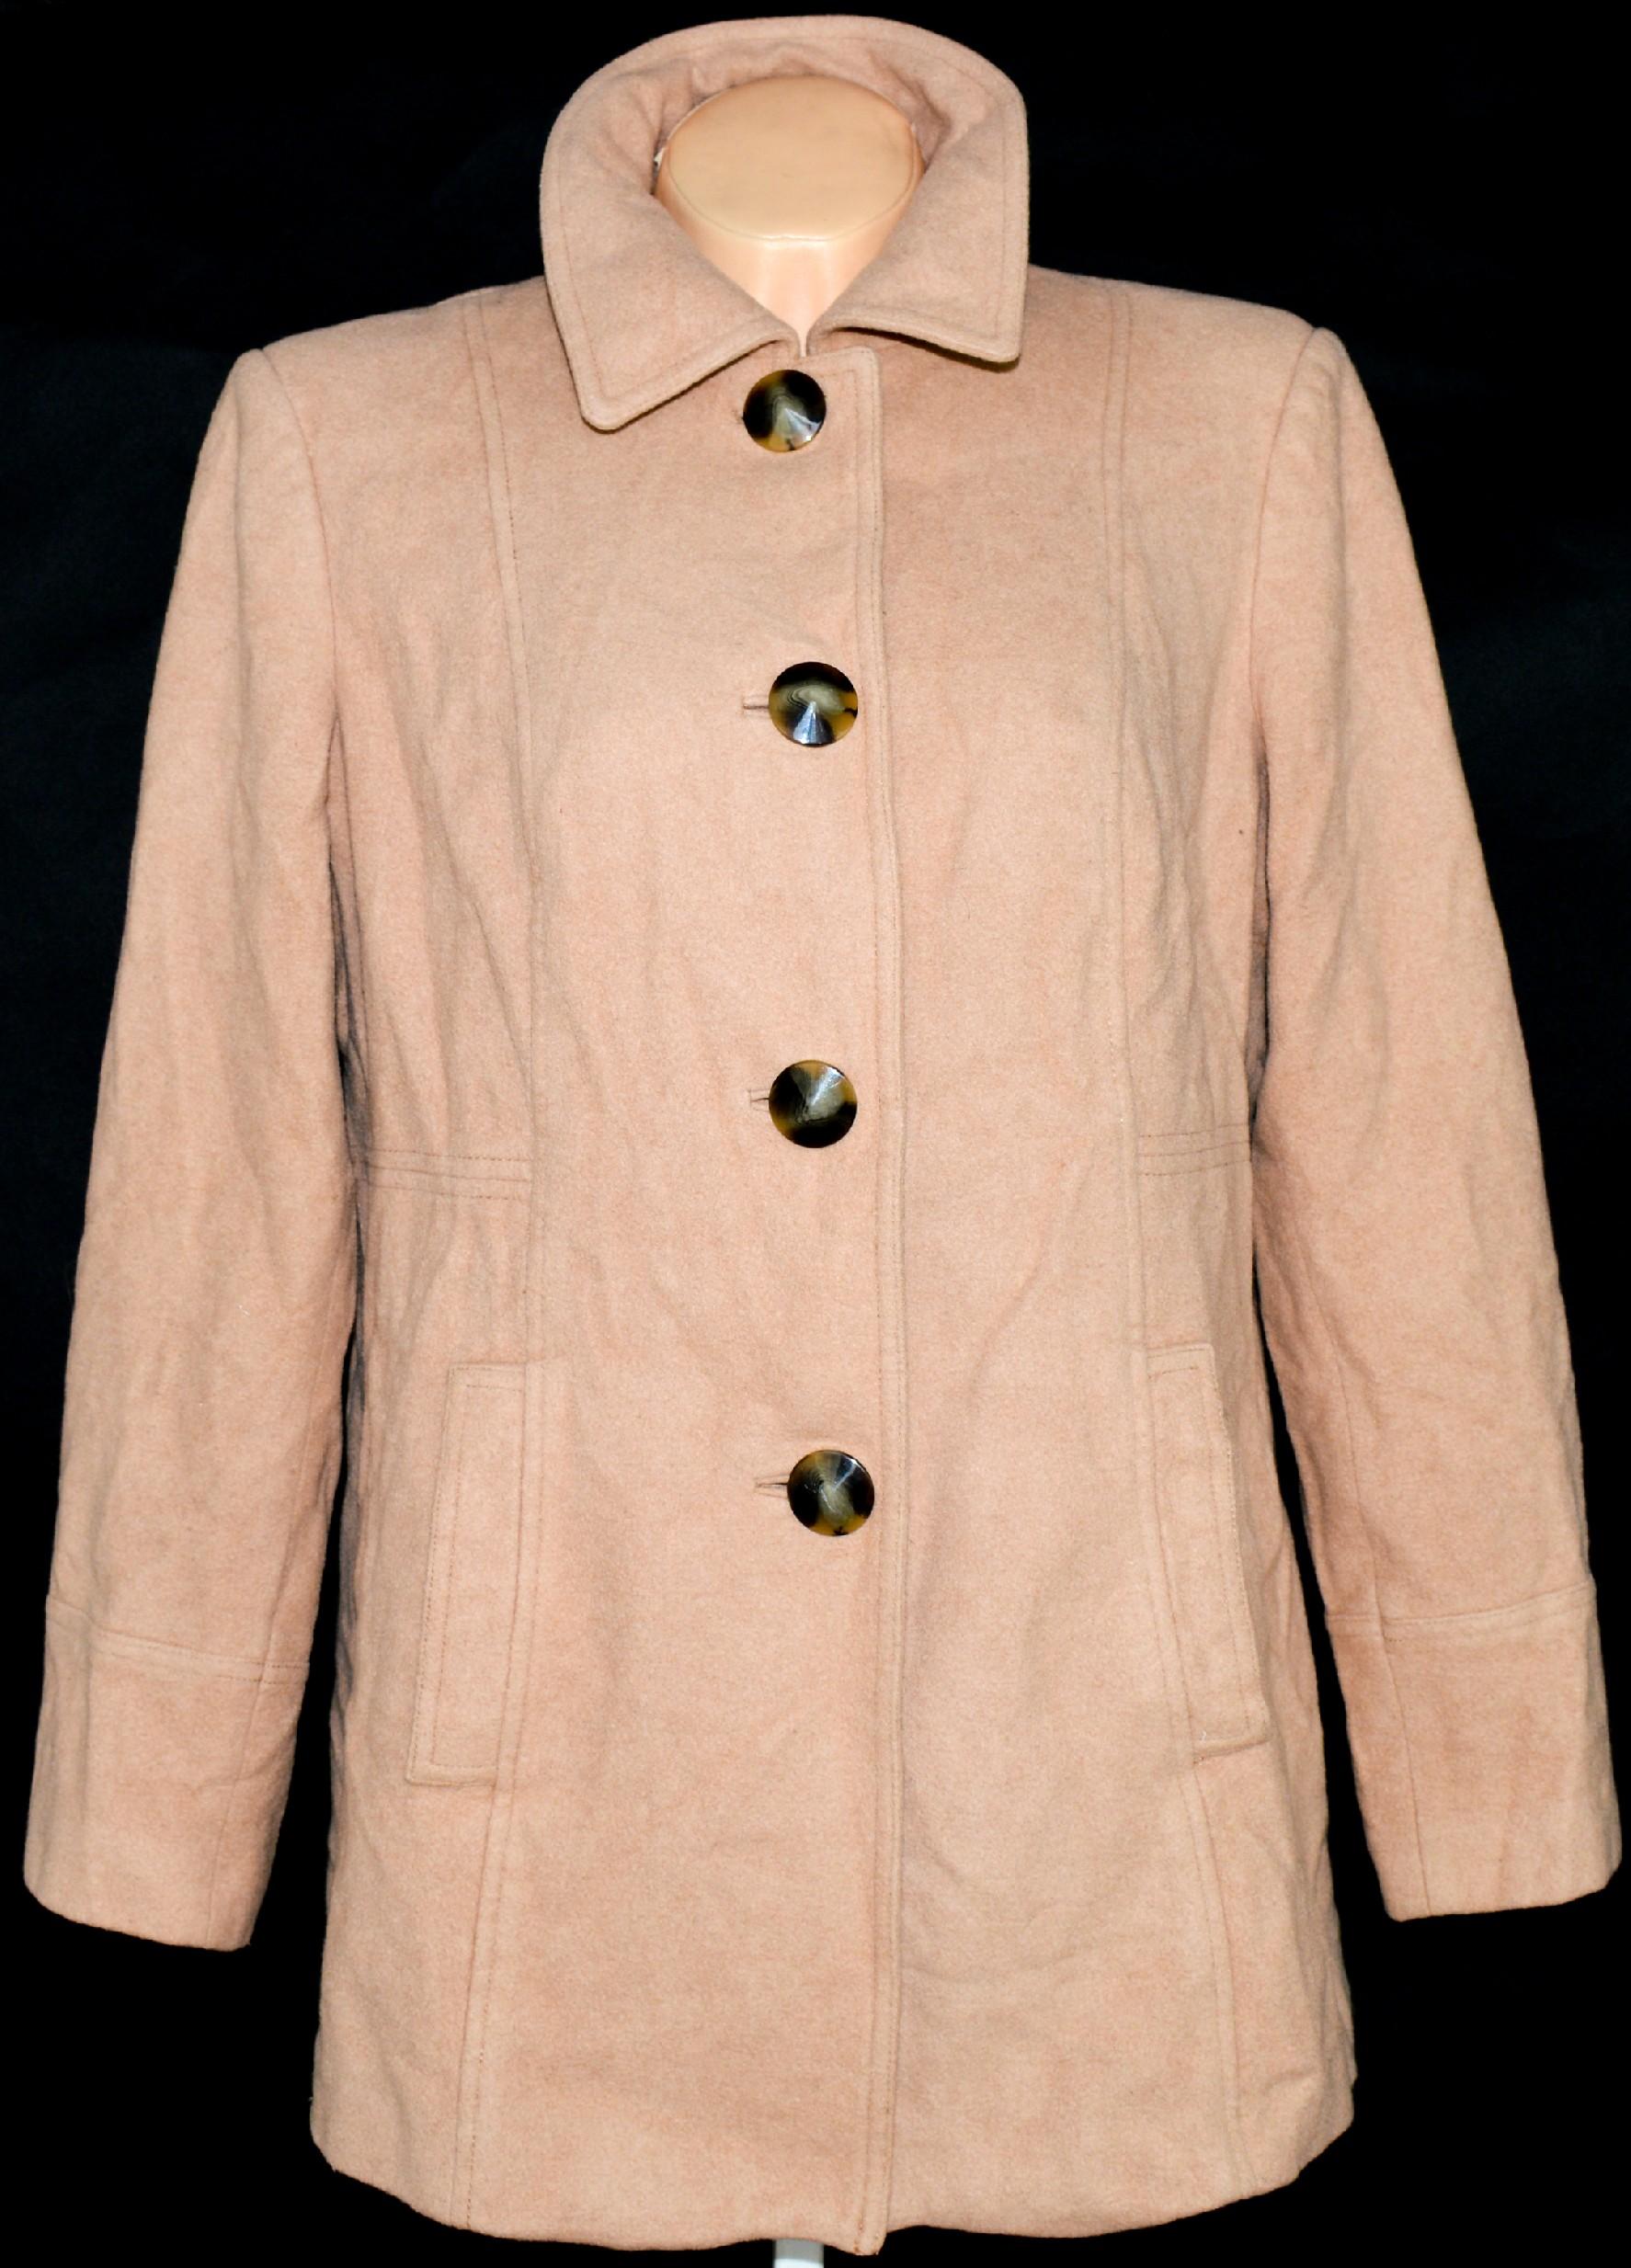 Vlněný dámský hnědý / béžový kabát UK 18/ XXL